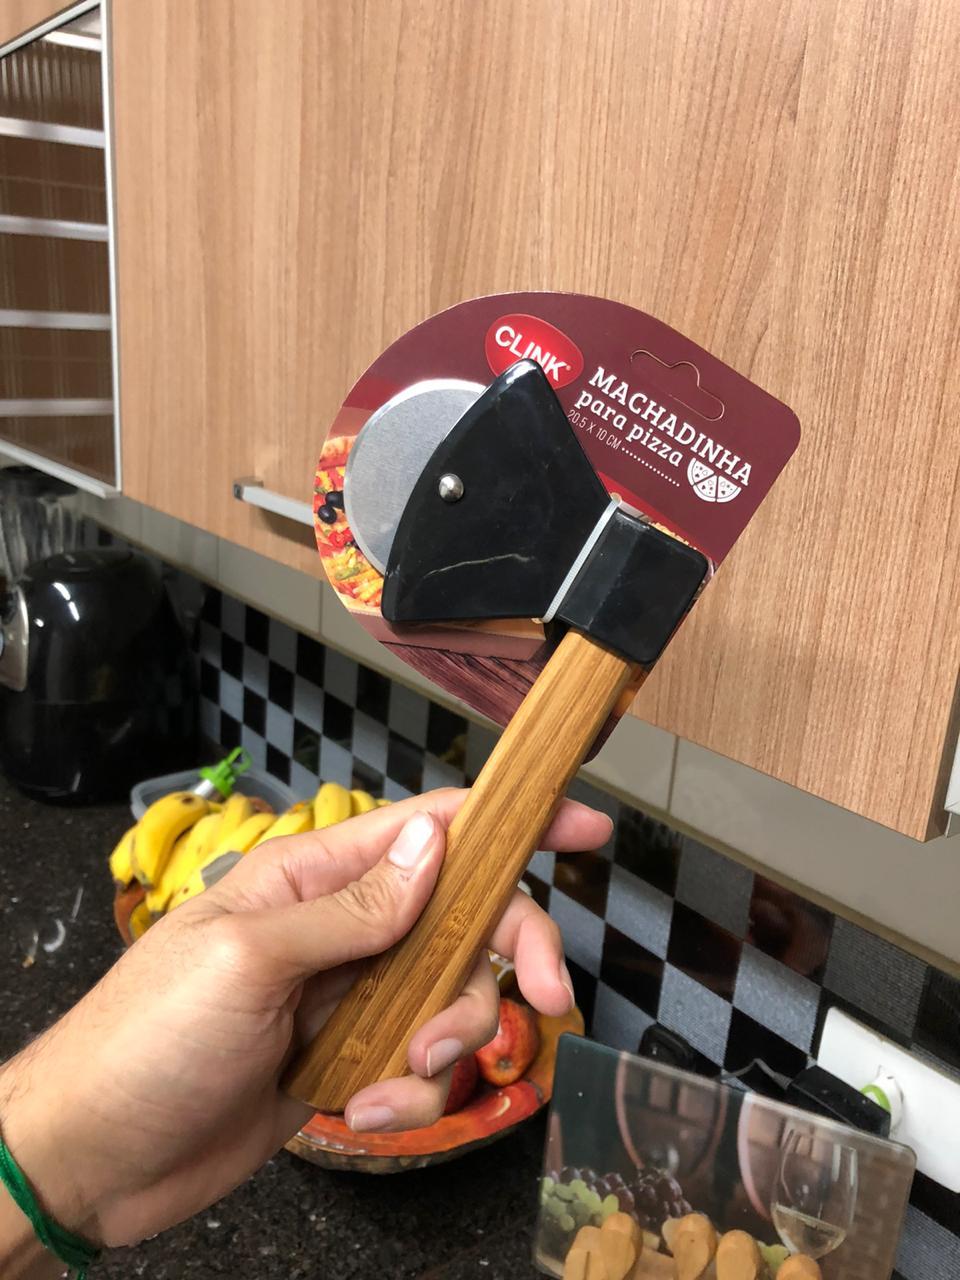 Cortador de pizza machado preto para servir aço inox e bambu 21cm